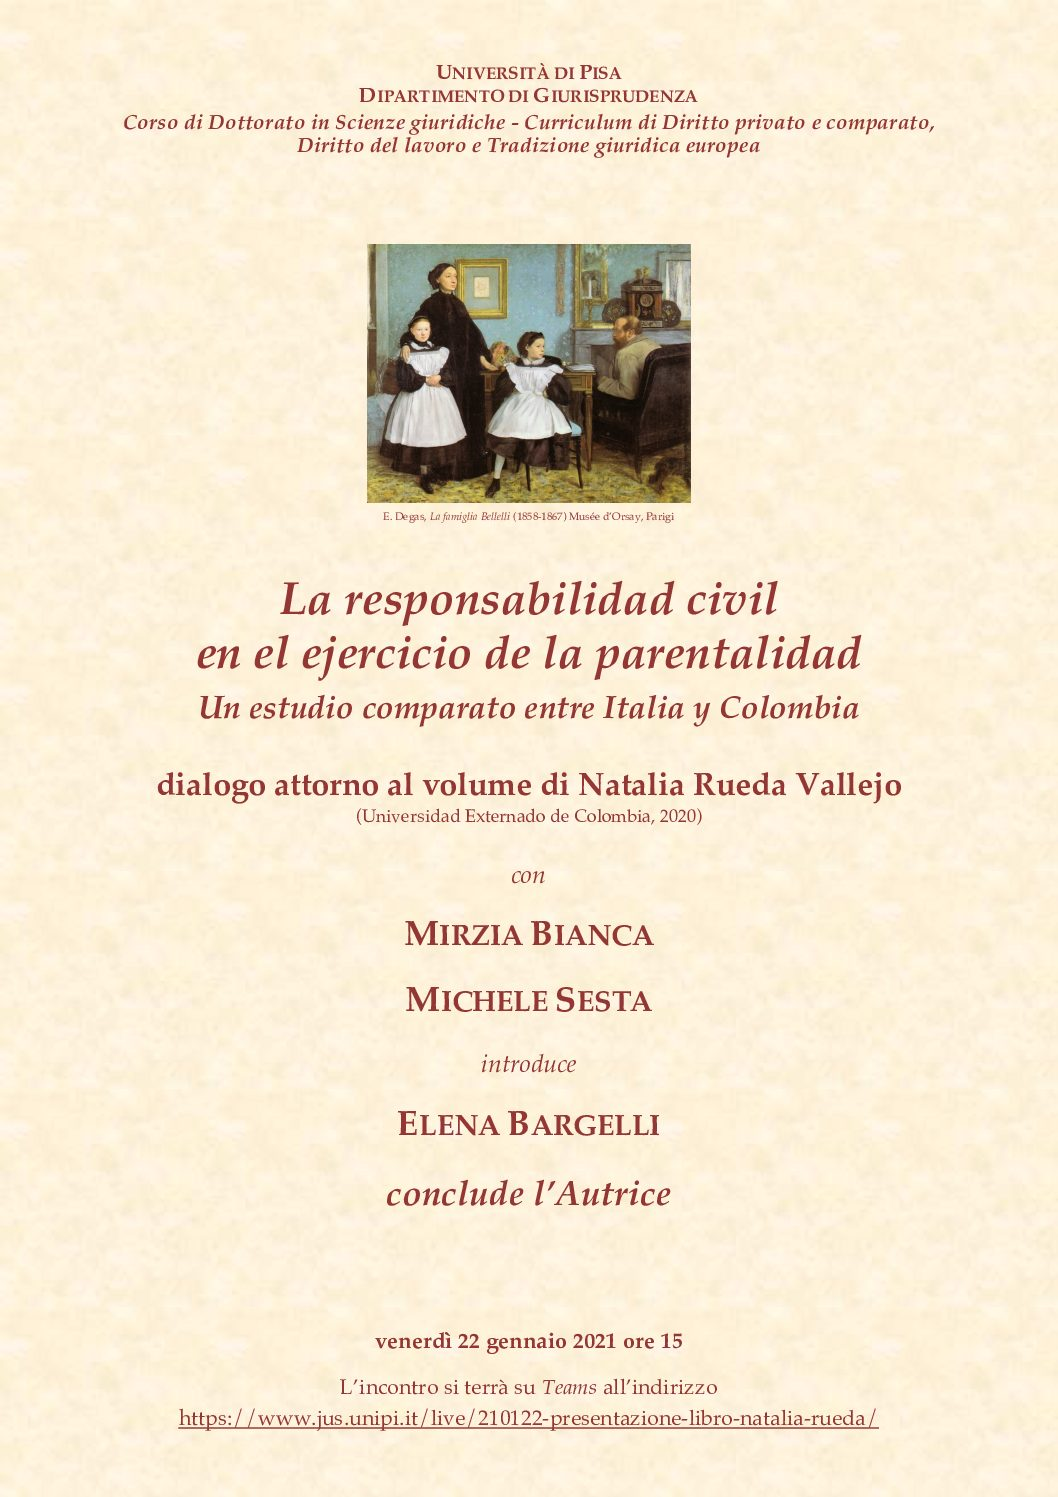 """Presentazione del volume di Natalia Rueda Vallejo """"La responsabilidad civil en el ejercicio de la parentalidad"""" – 22 gennaio 2021"""